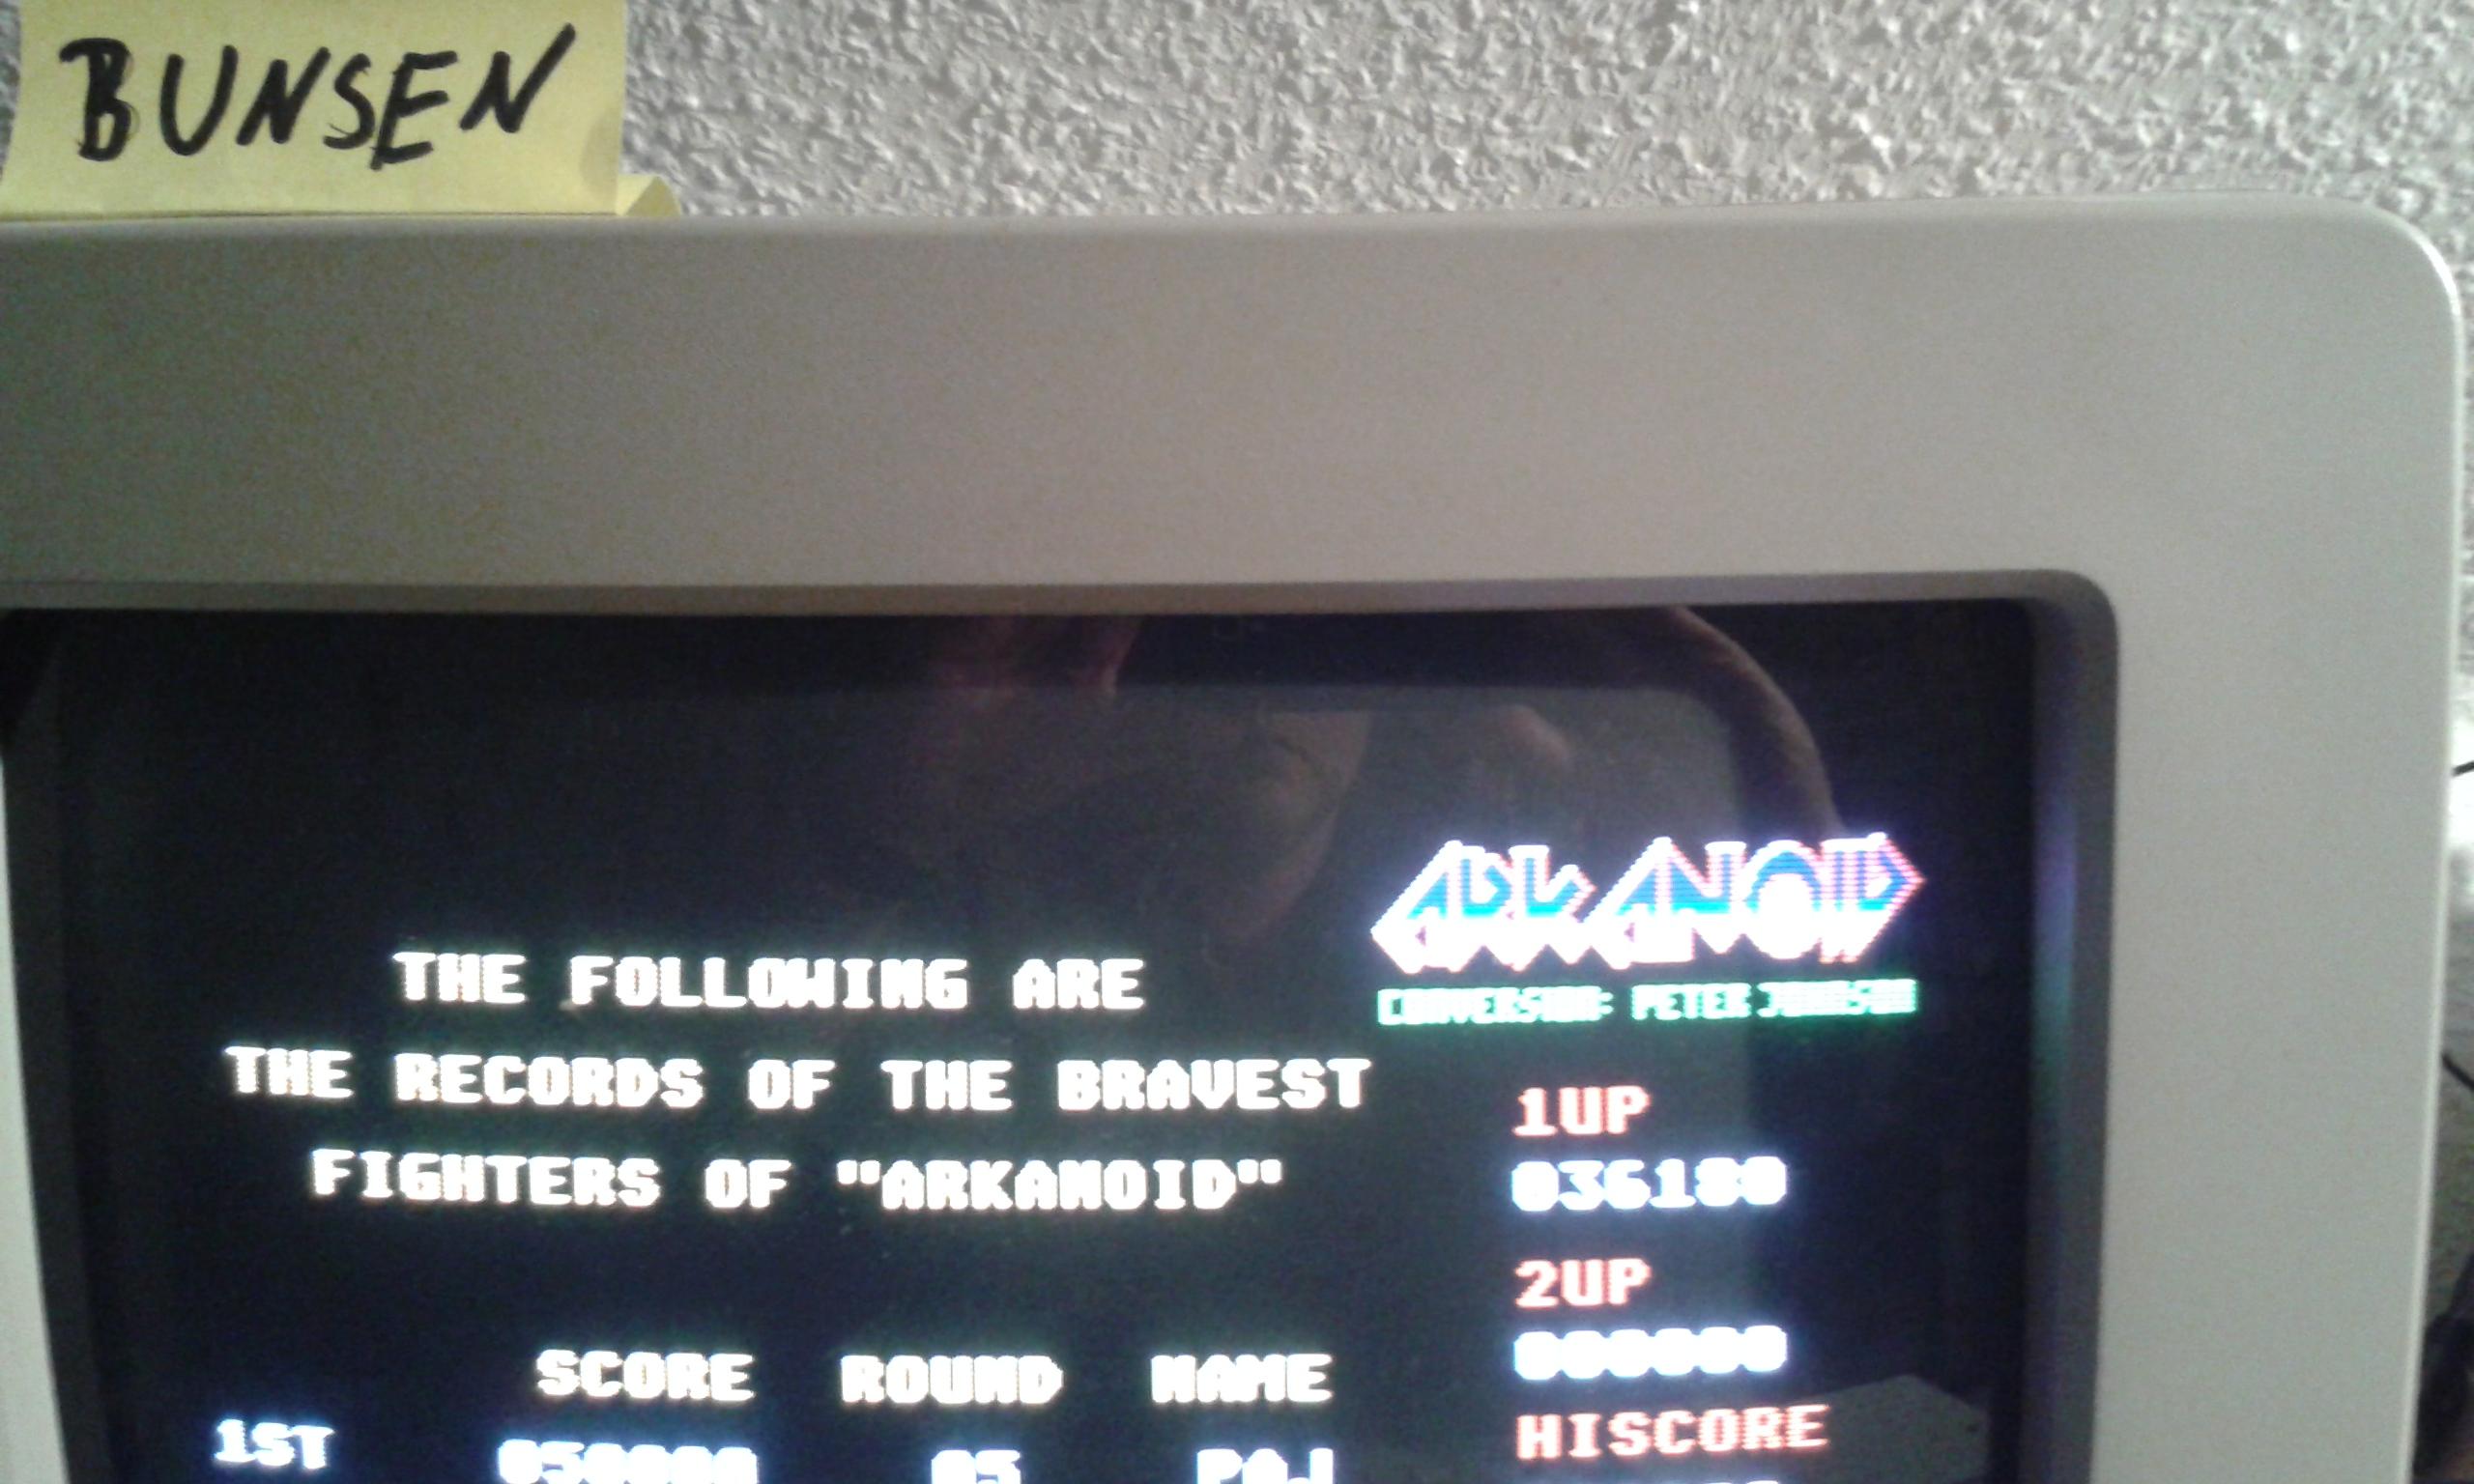 Bunsen: Arkanoid (Atari ST) 36,180 points on 2015-04-24 15:08:10